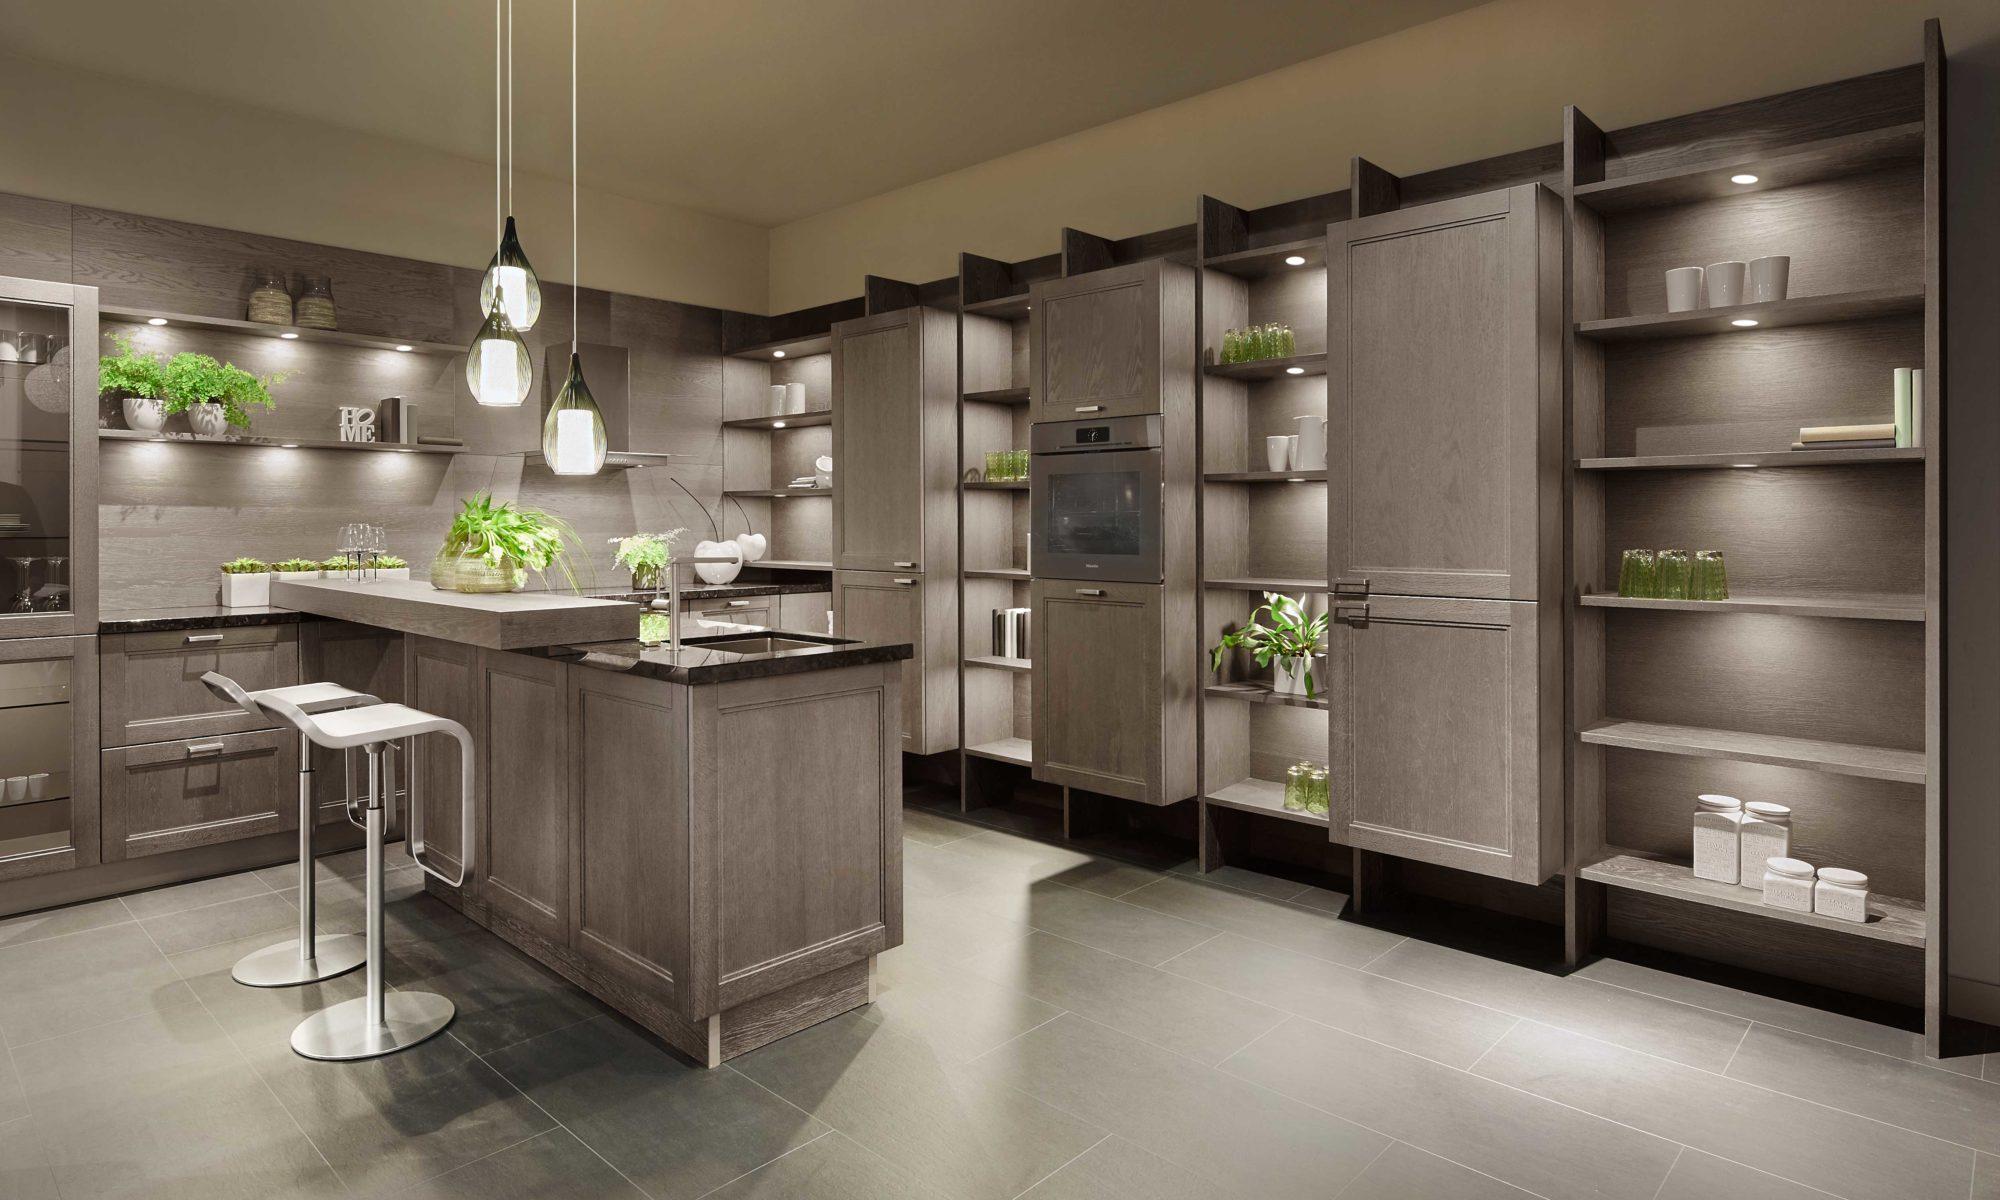 Sachsen Küchen, Glas, Design, Casa, grau, Design